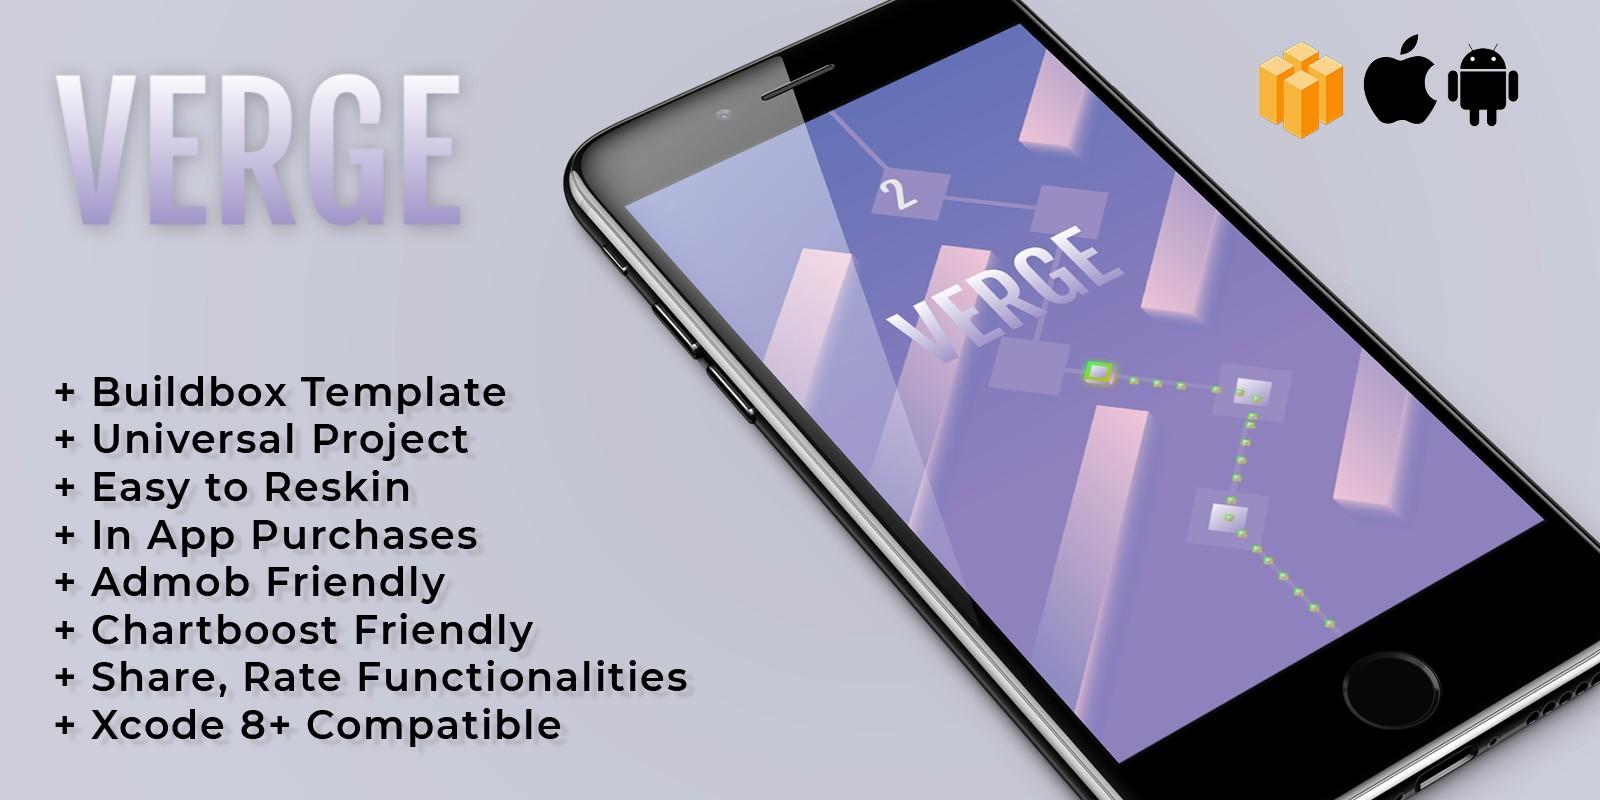 Verge - Buildbox template